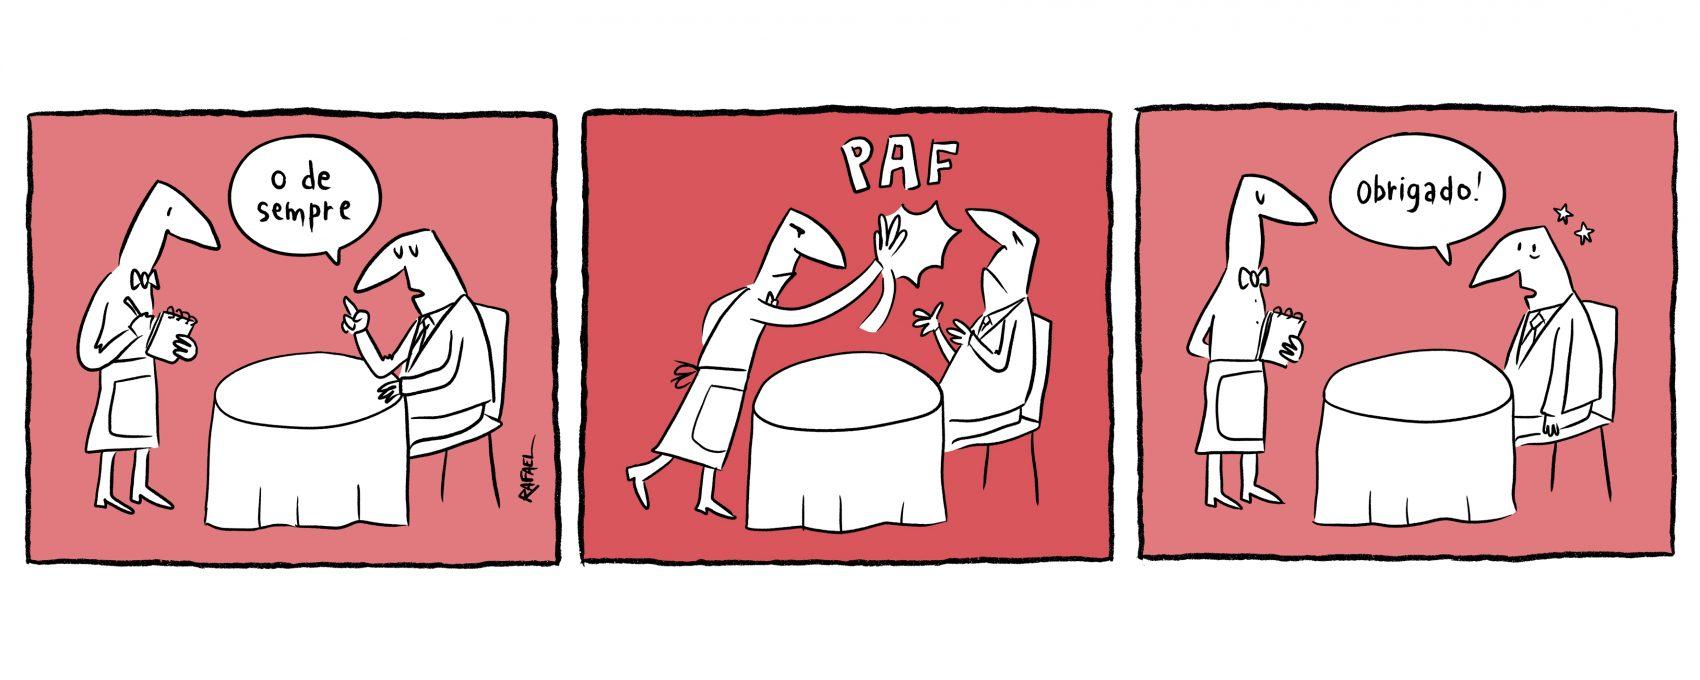 Rato Falho: a bofetada | Rafael Corrêa